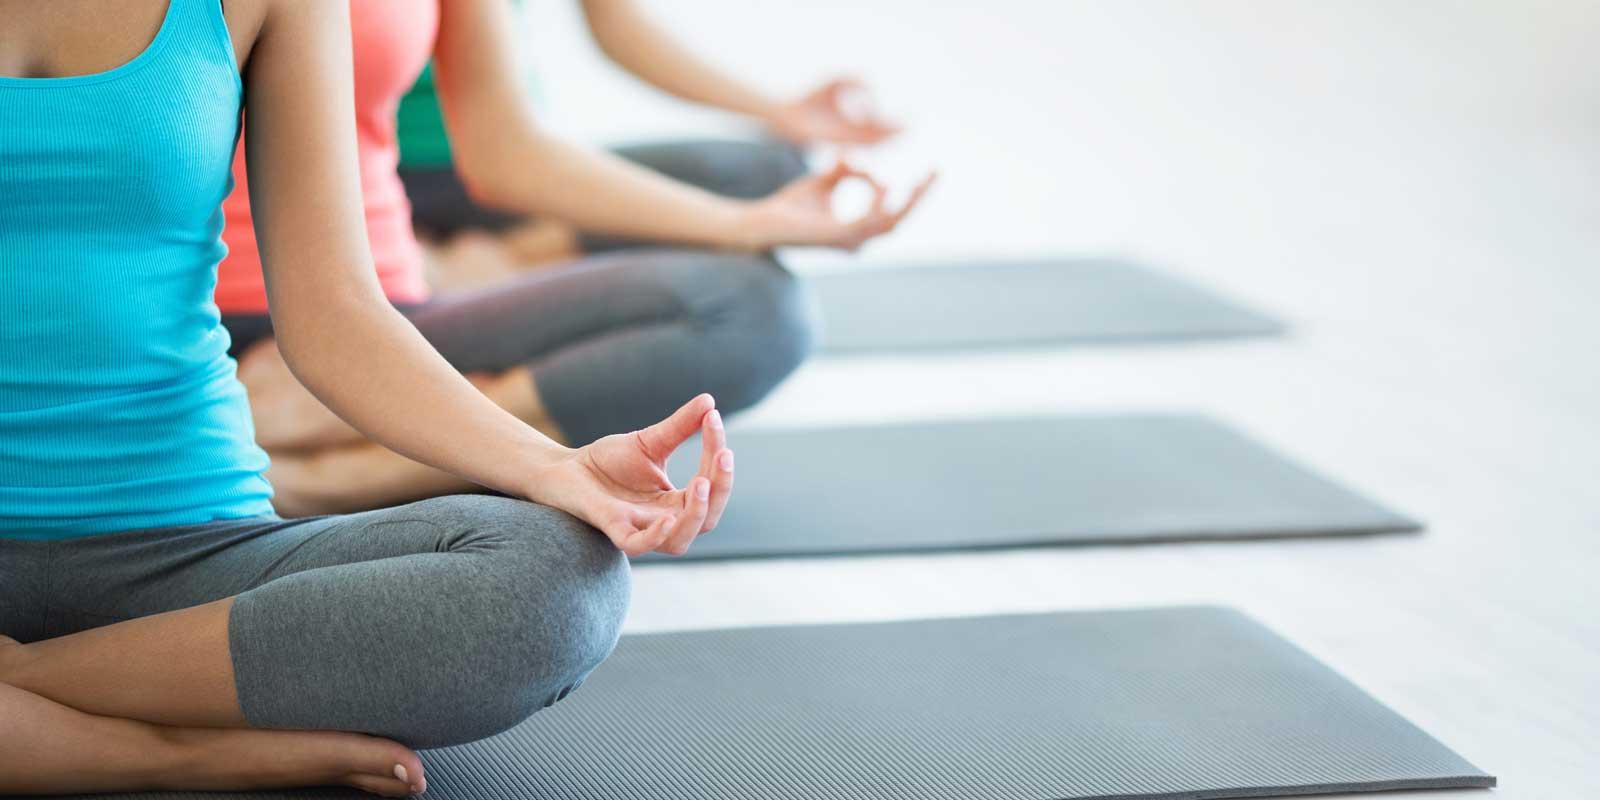 spa and wellness programs